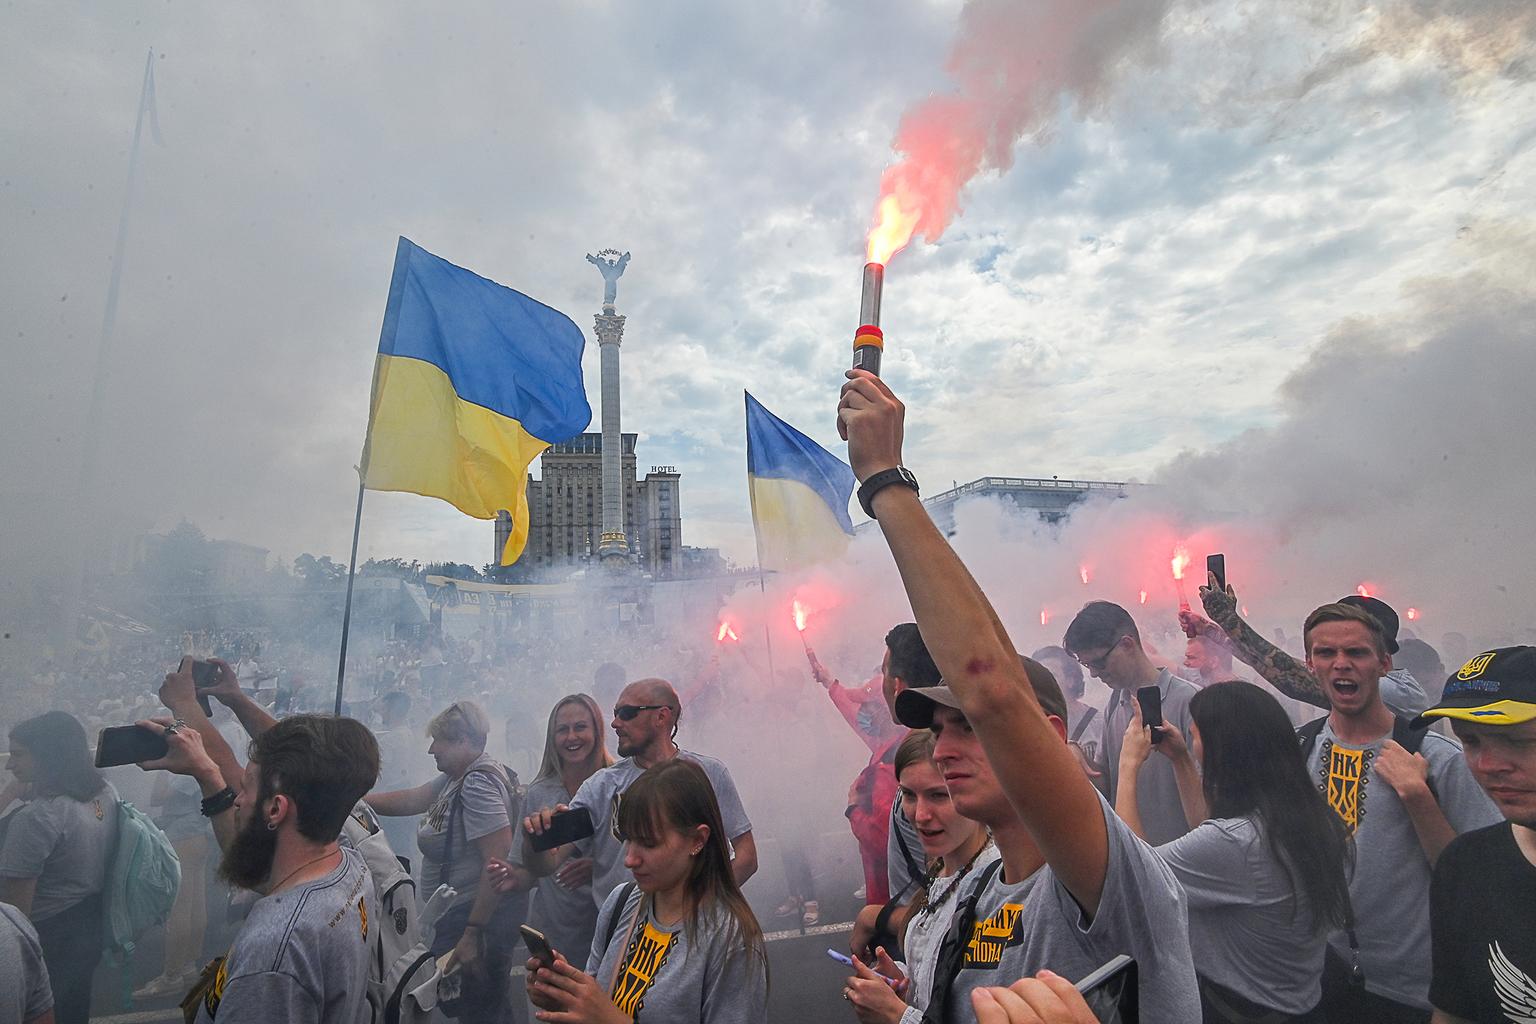 Tüntetés a Majdanon, az ukrán függetlenség napján 2020. augusztus 24-én Kijevben #moszkvater